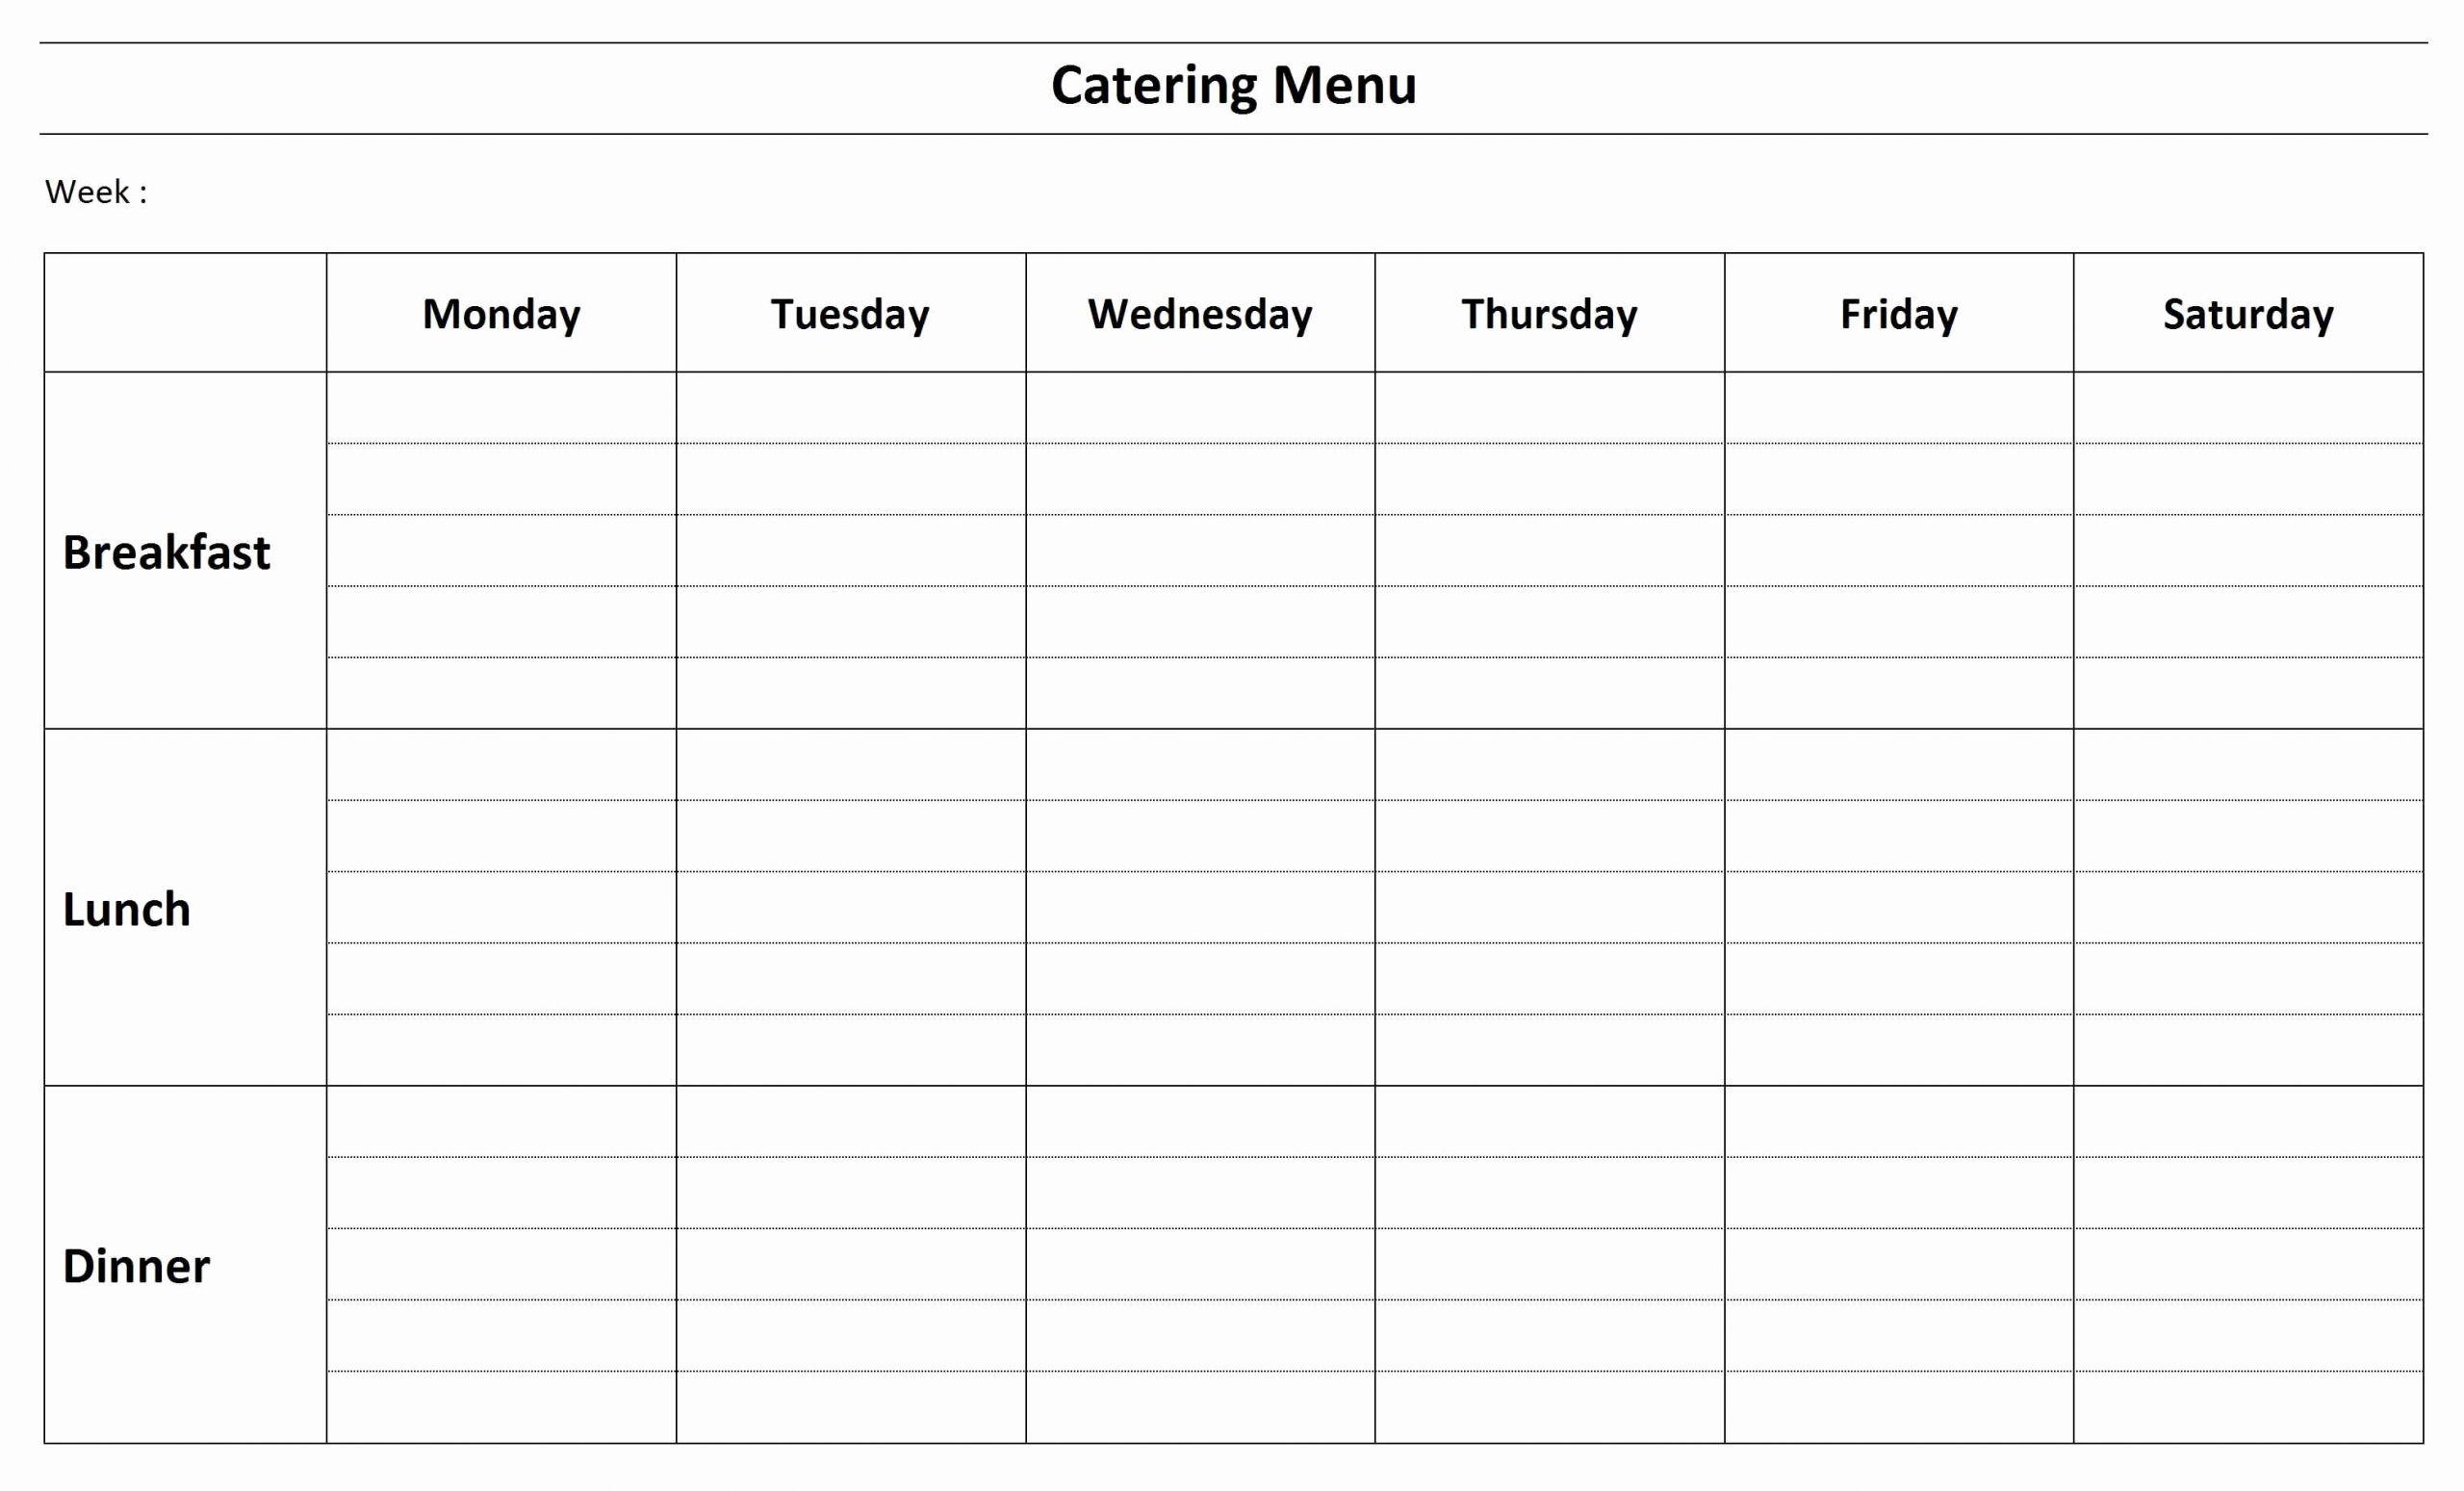 Catering Menu Template Word Elegant Catering Menu